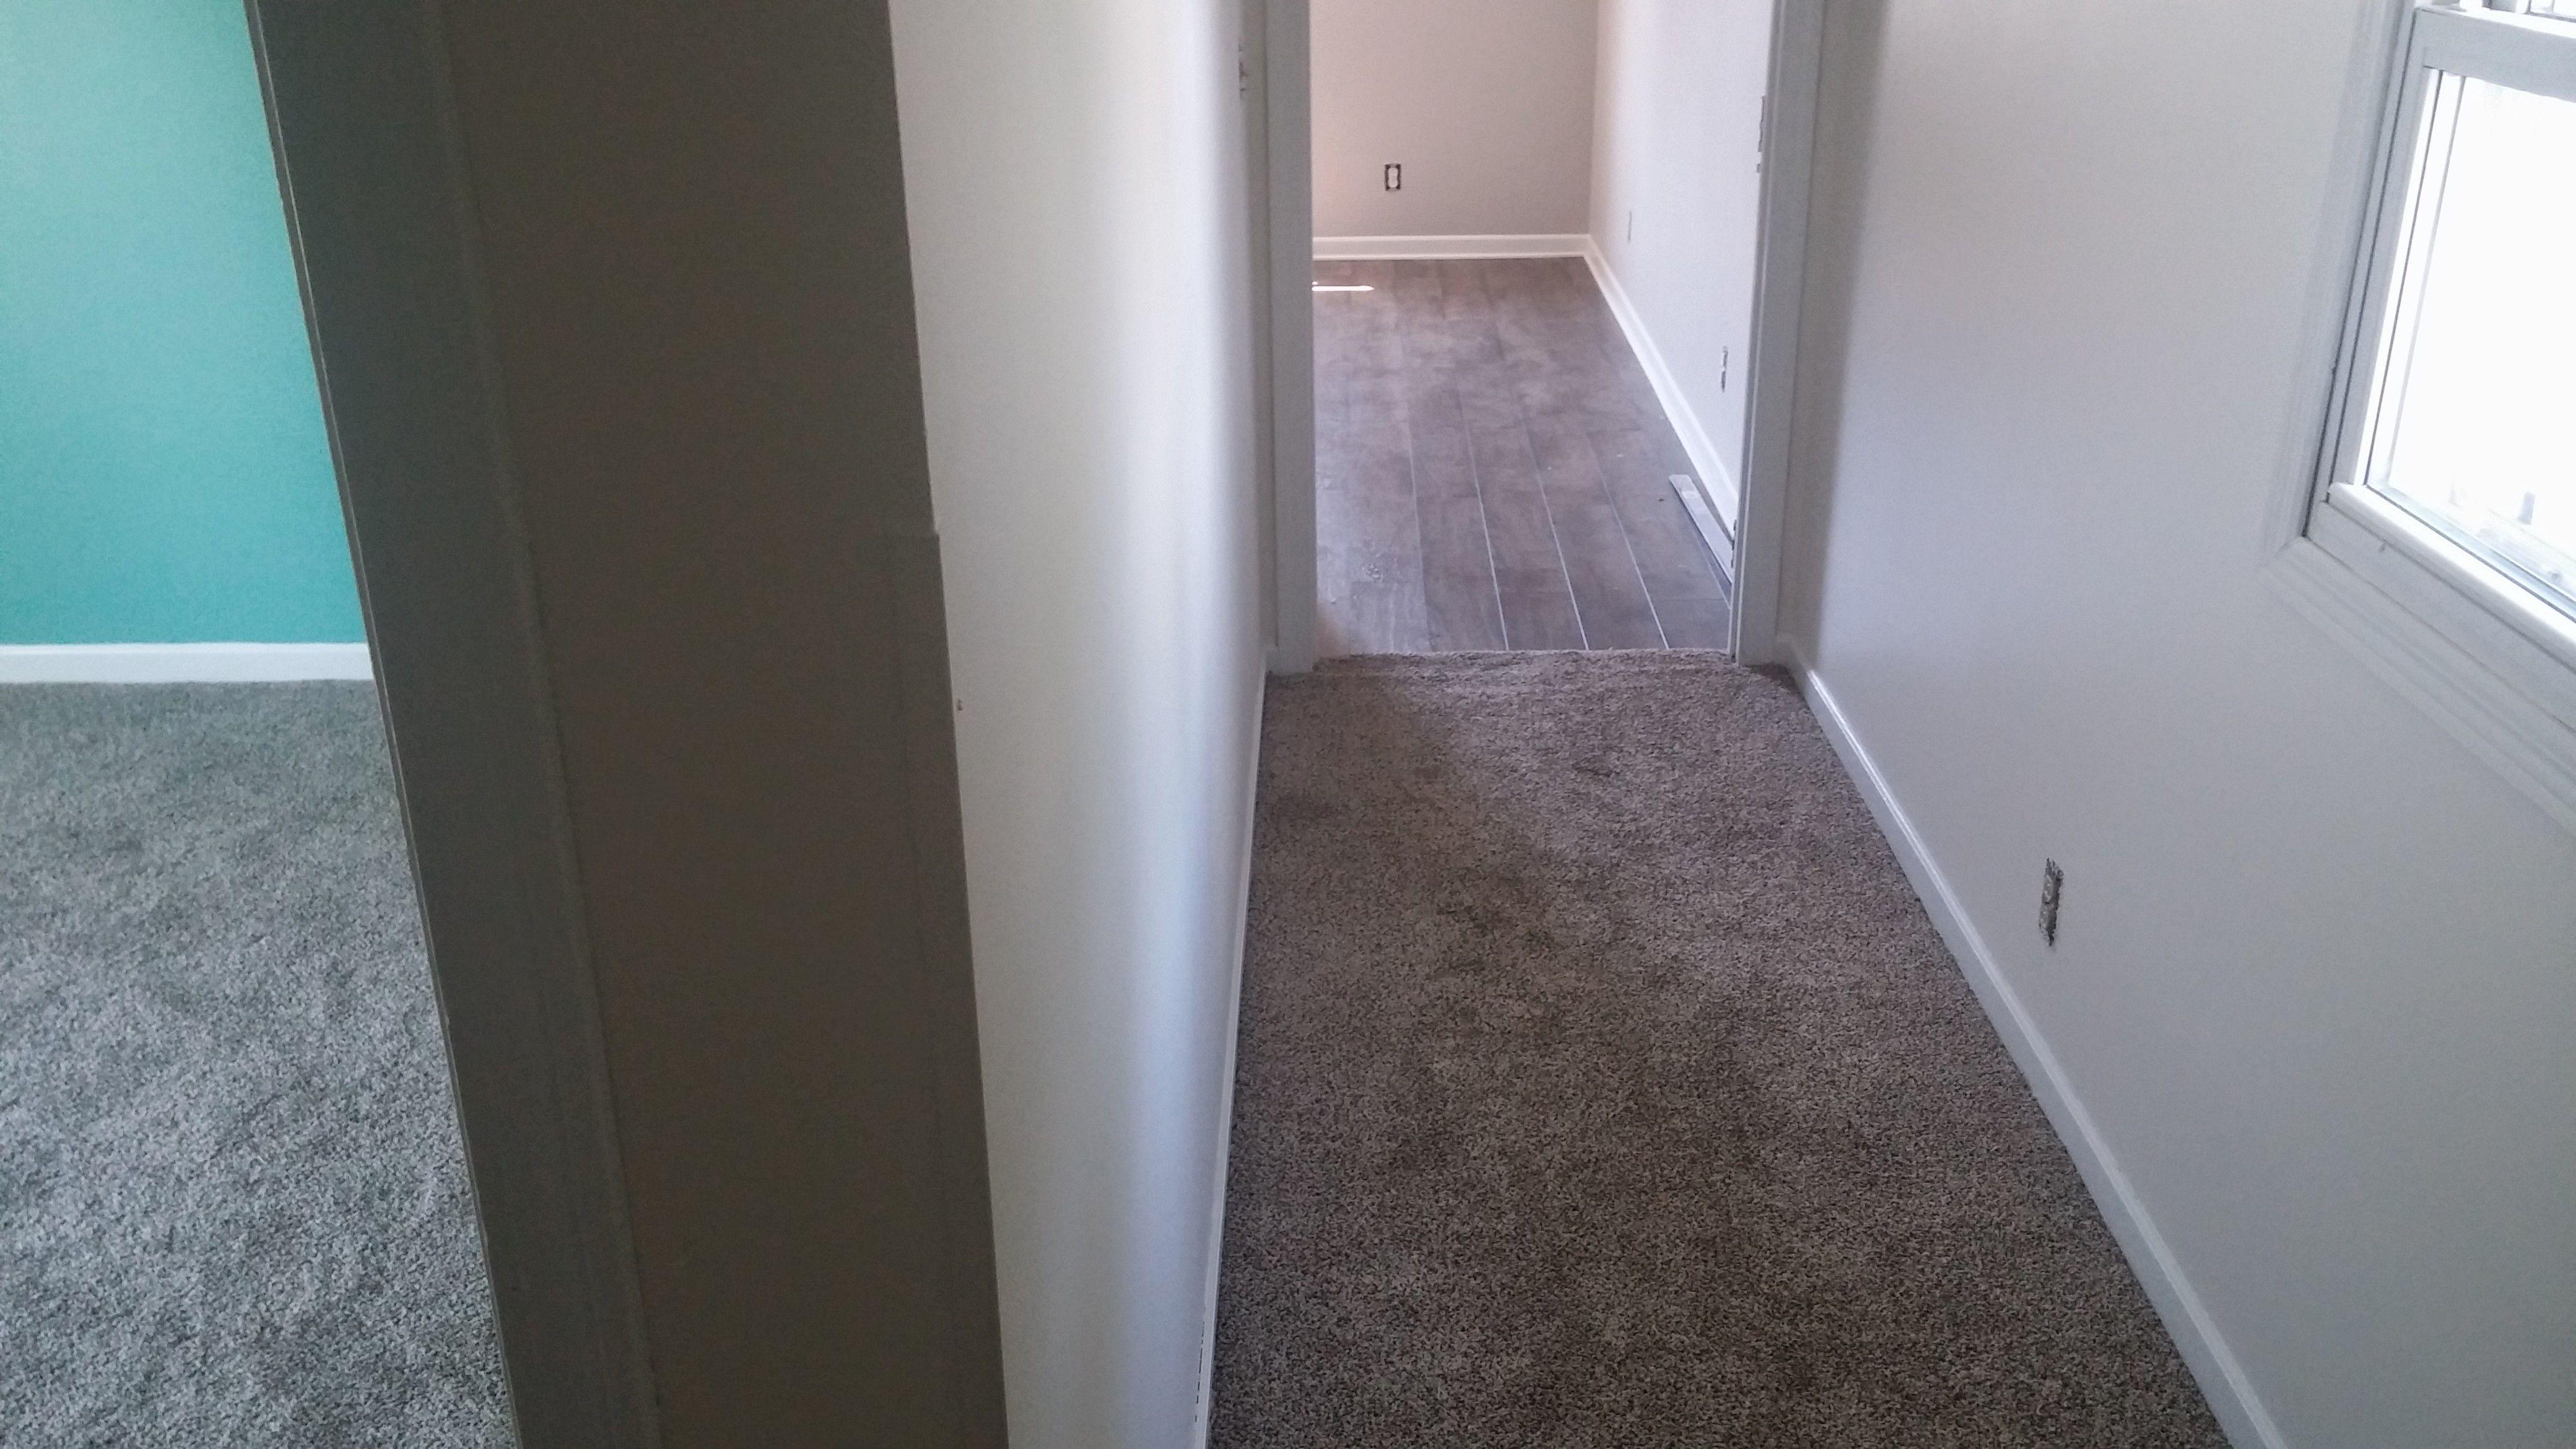 Hallway New Carpet To New Laminate Wood Floor In Master Bedroom Bedroom Wooden Floor Wood Laminate Flooring Bedroom Flooring